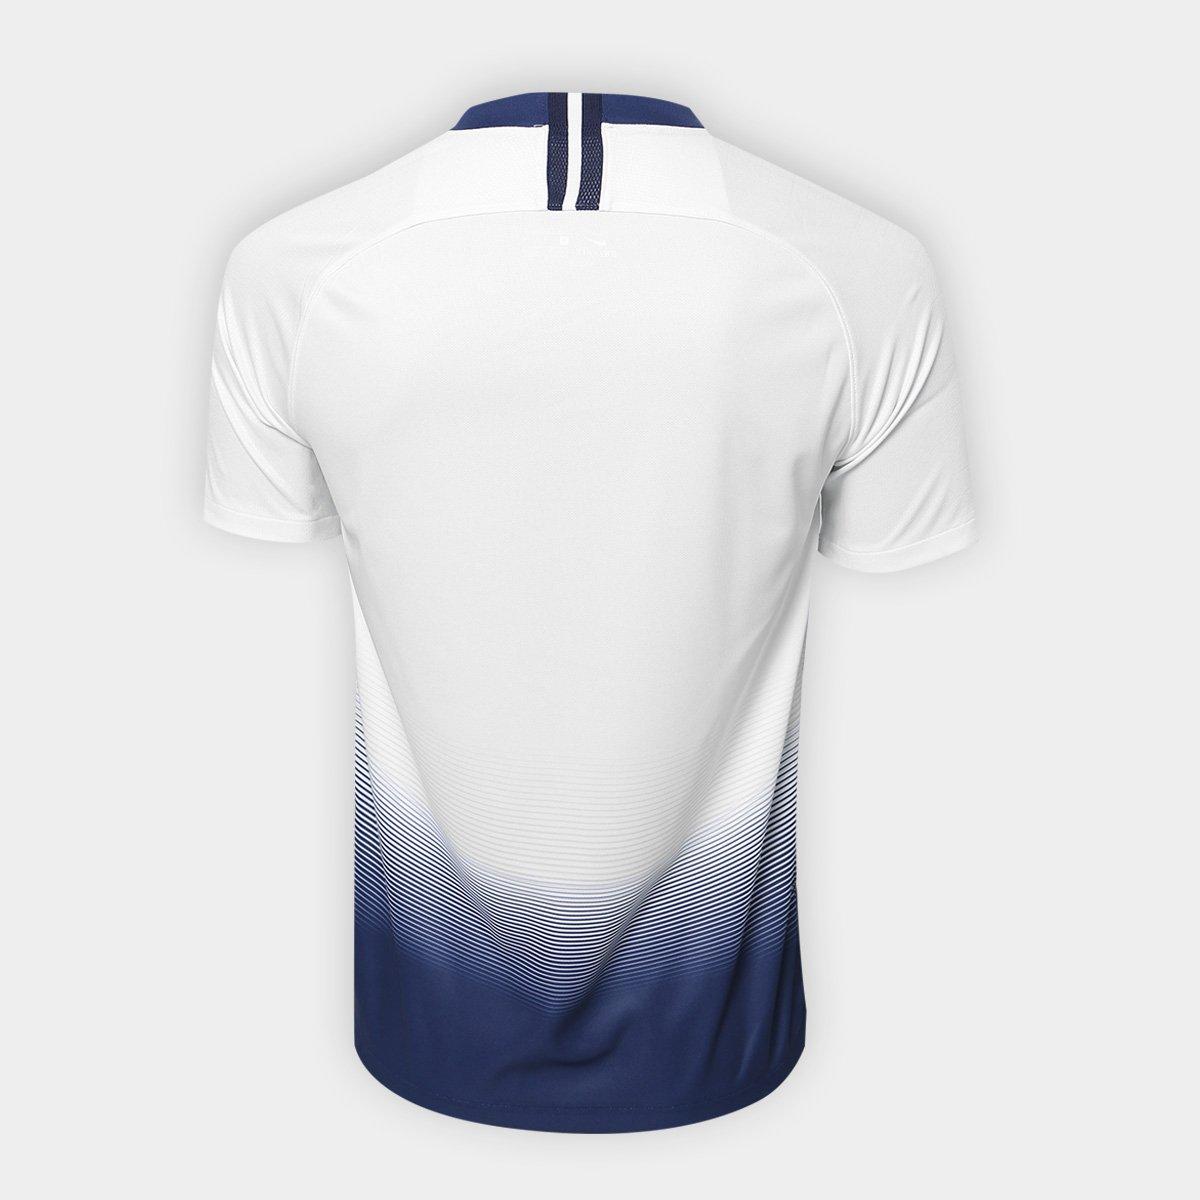 Camisa Tottenham Home 2018 s n° - Torcedor Nike Masculina - Compre ... 2f8b0f796841e